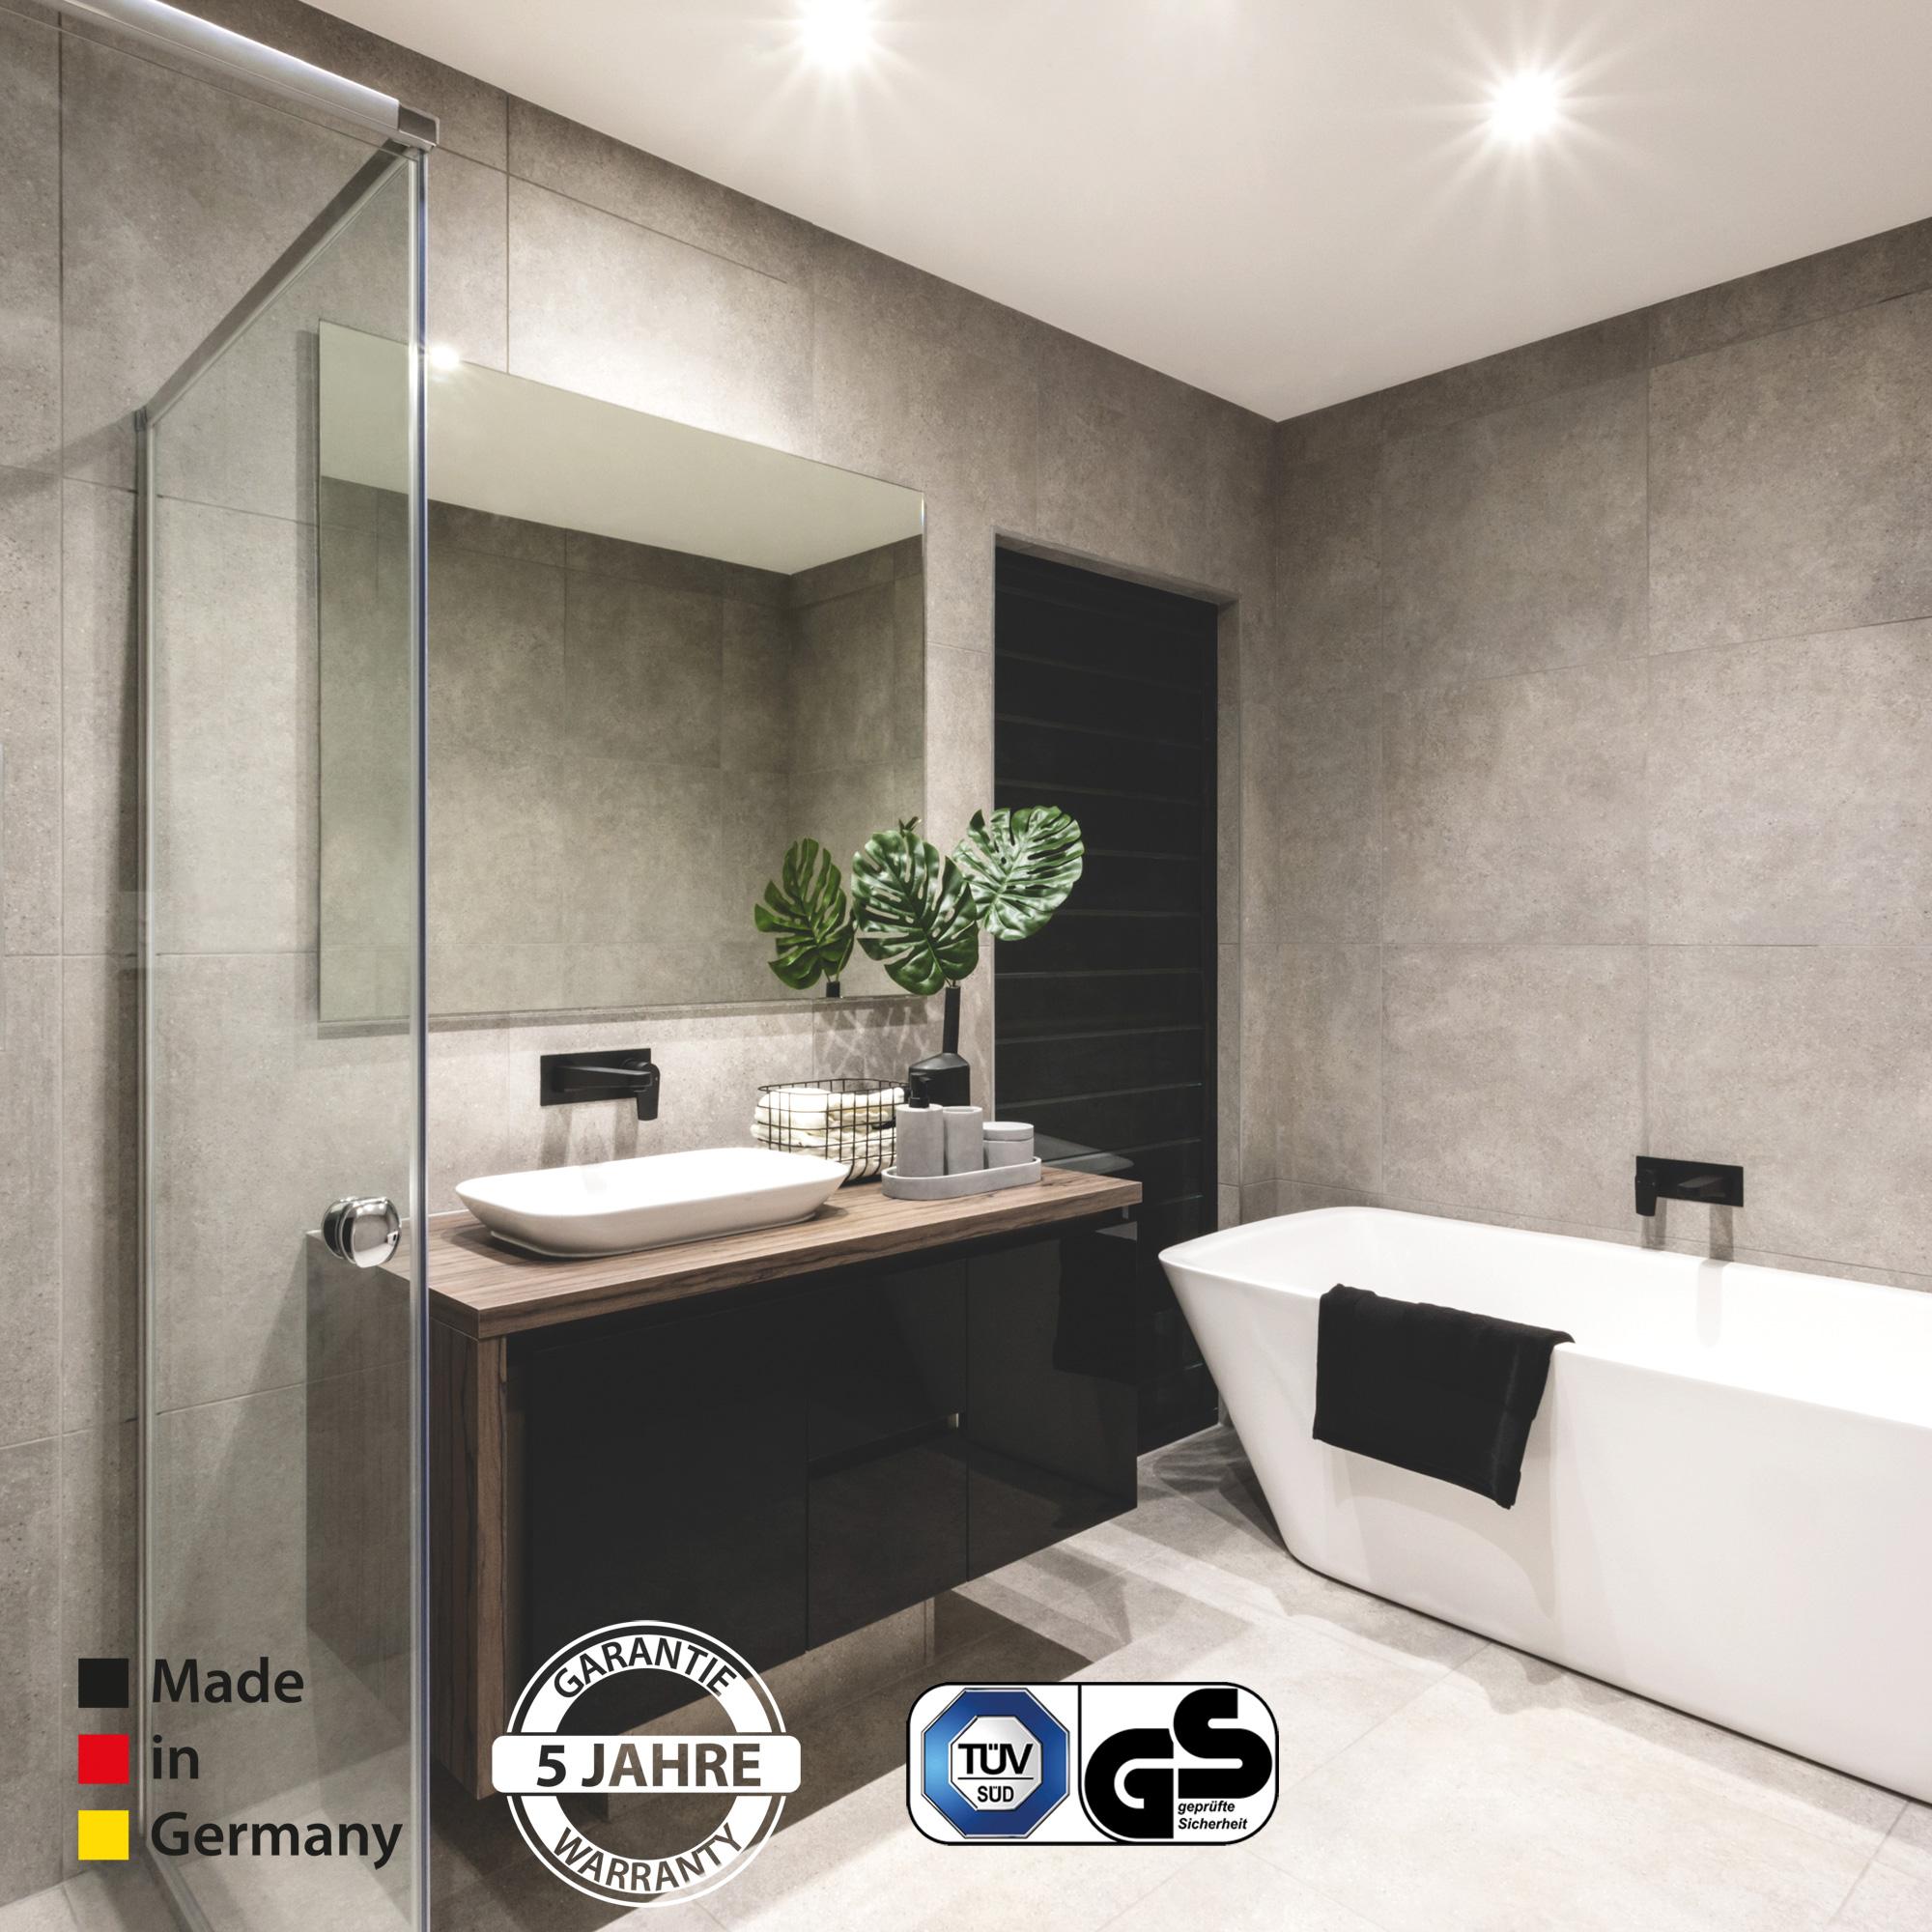 Flachheizkörper Bad elektrisch als Spiegel getarnt